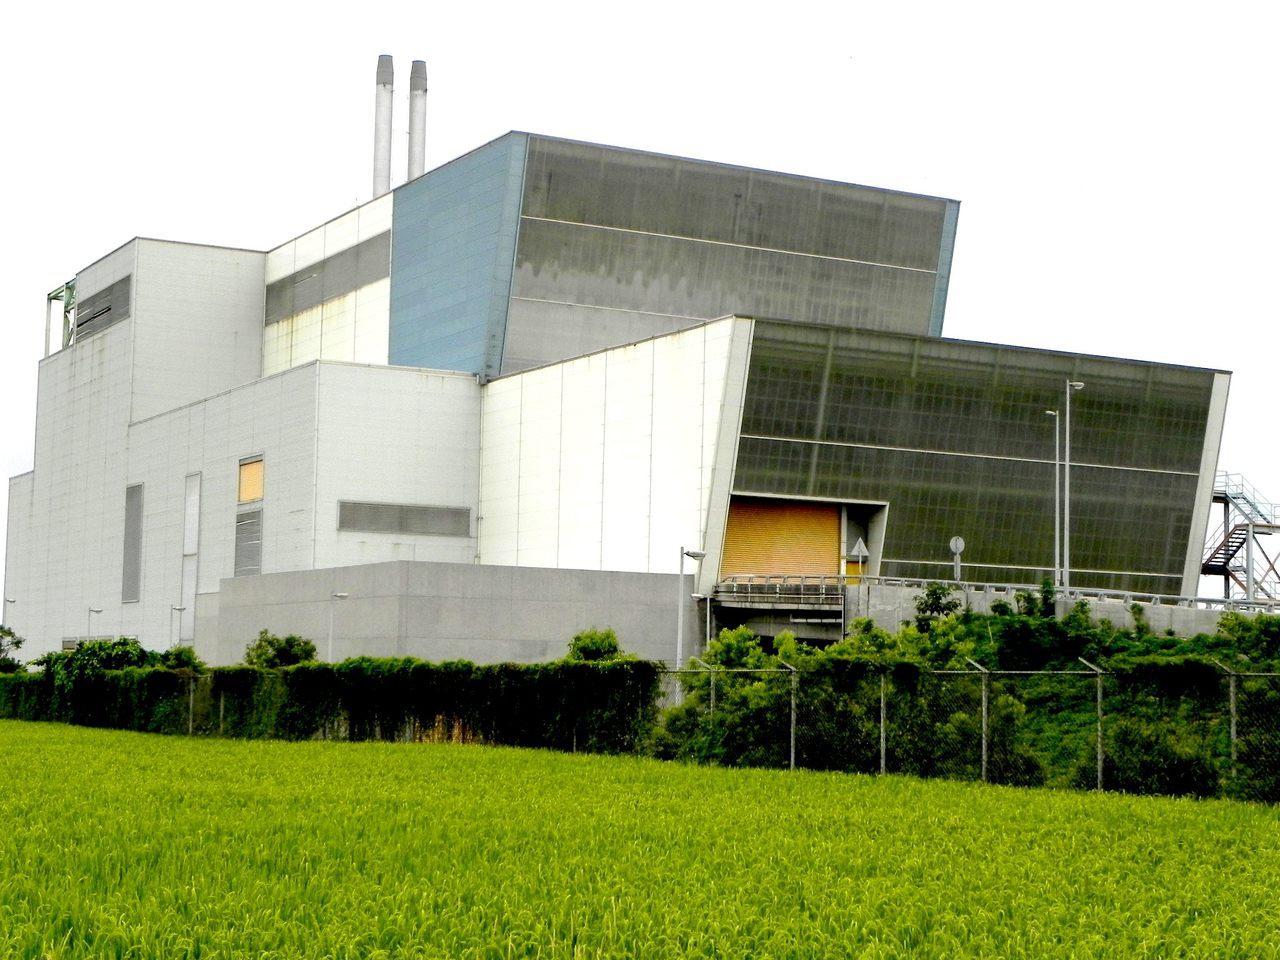 台東縣焚化爐建好14年一直未使用。本報系資料照片